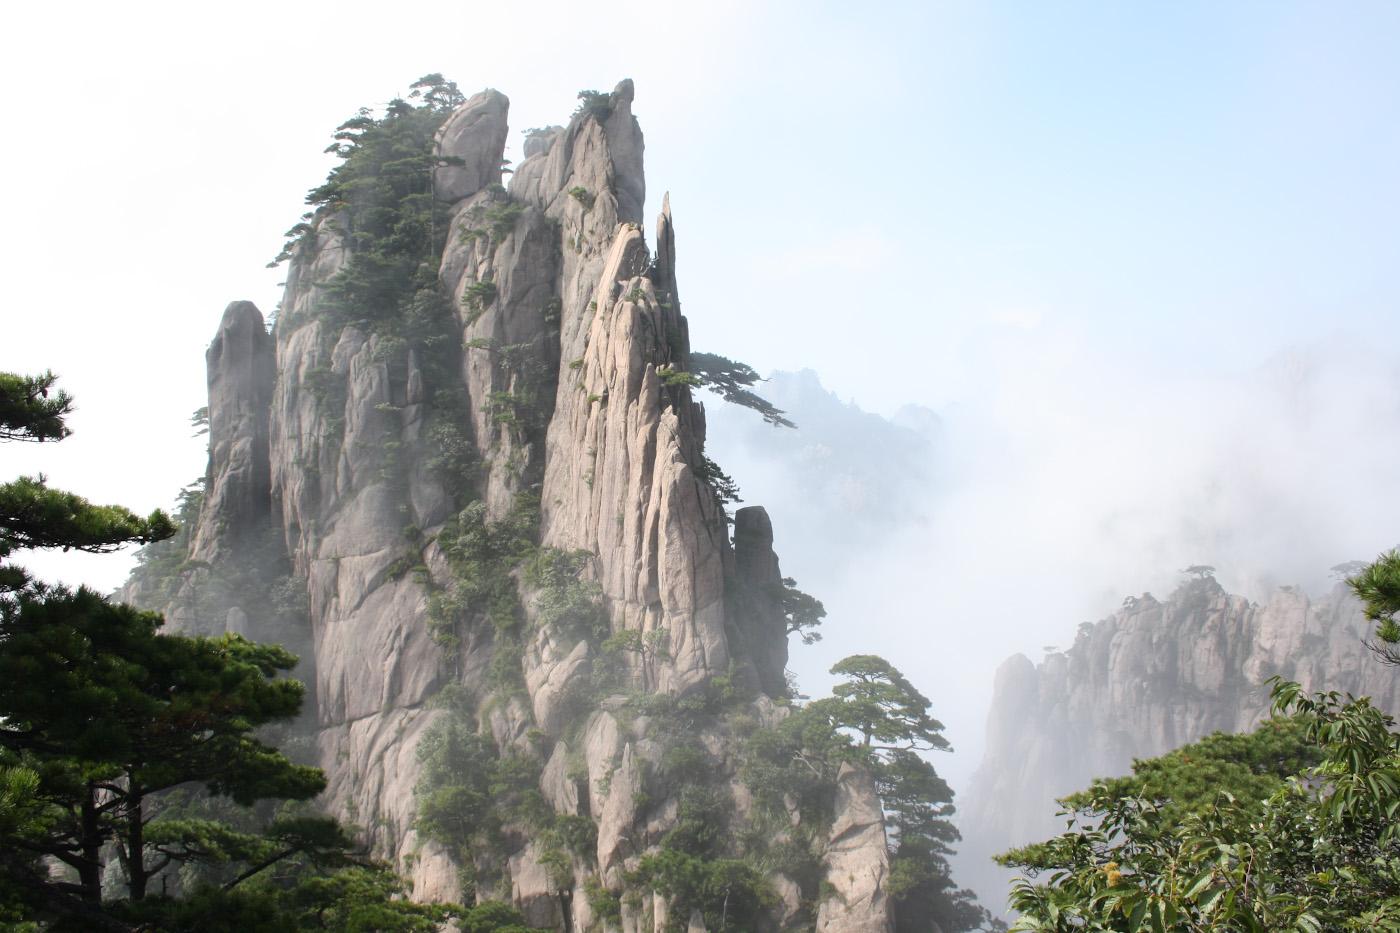 24. Фотография. Пейзаж гор Хуаншань в провинции Анхой. Не путайте с горой Хуашань.